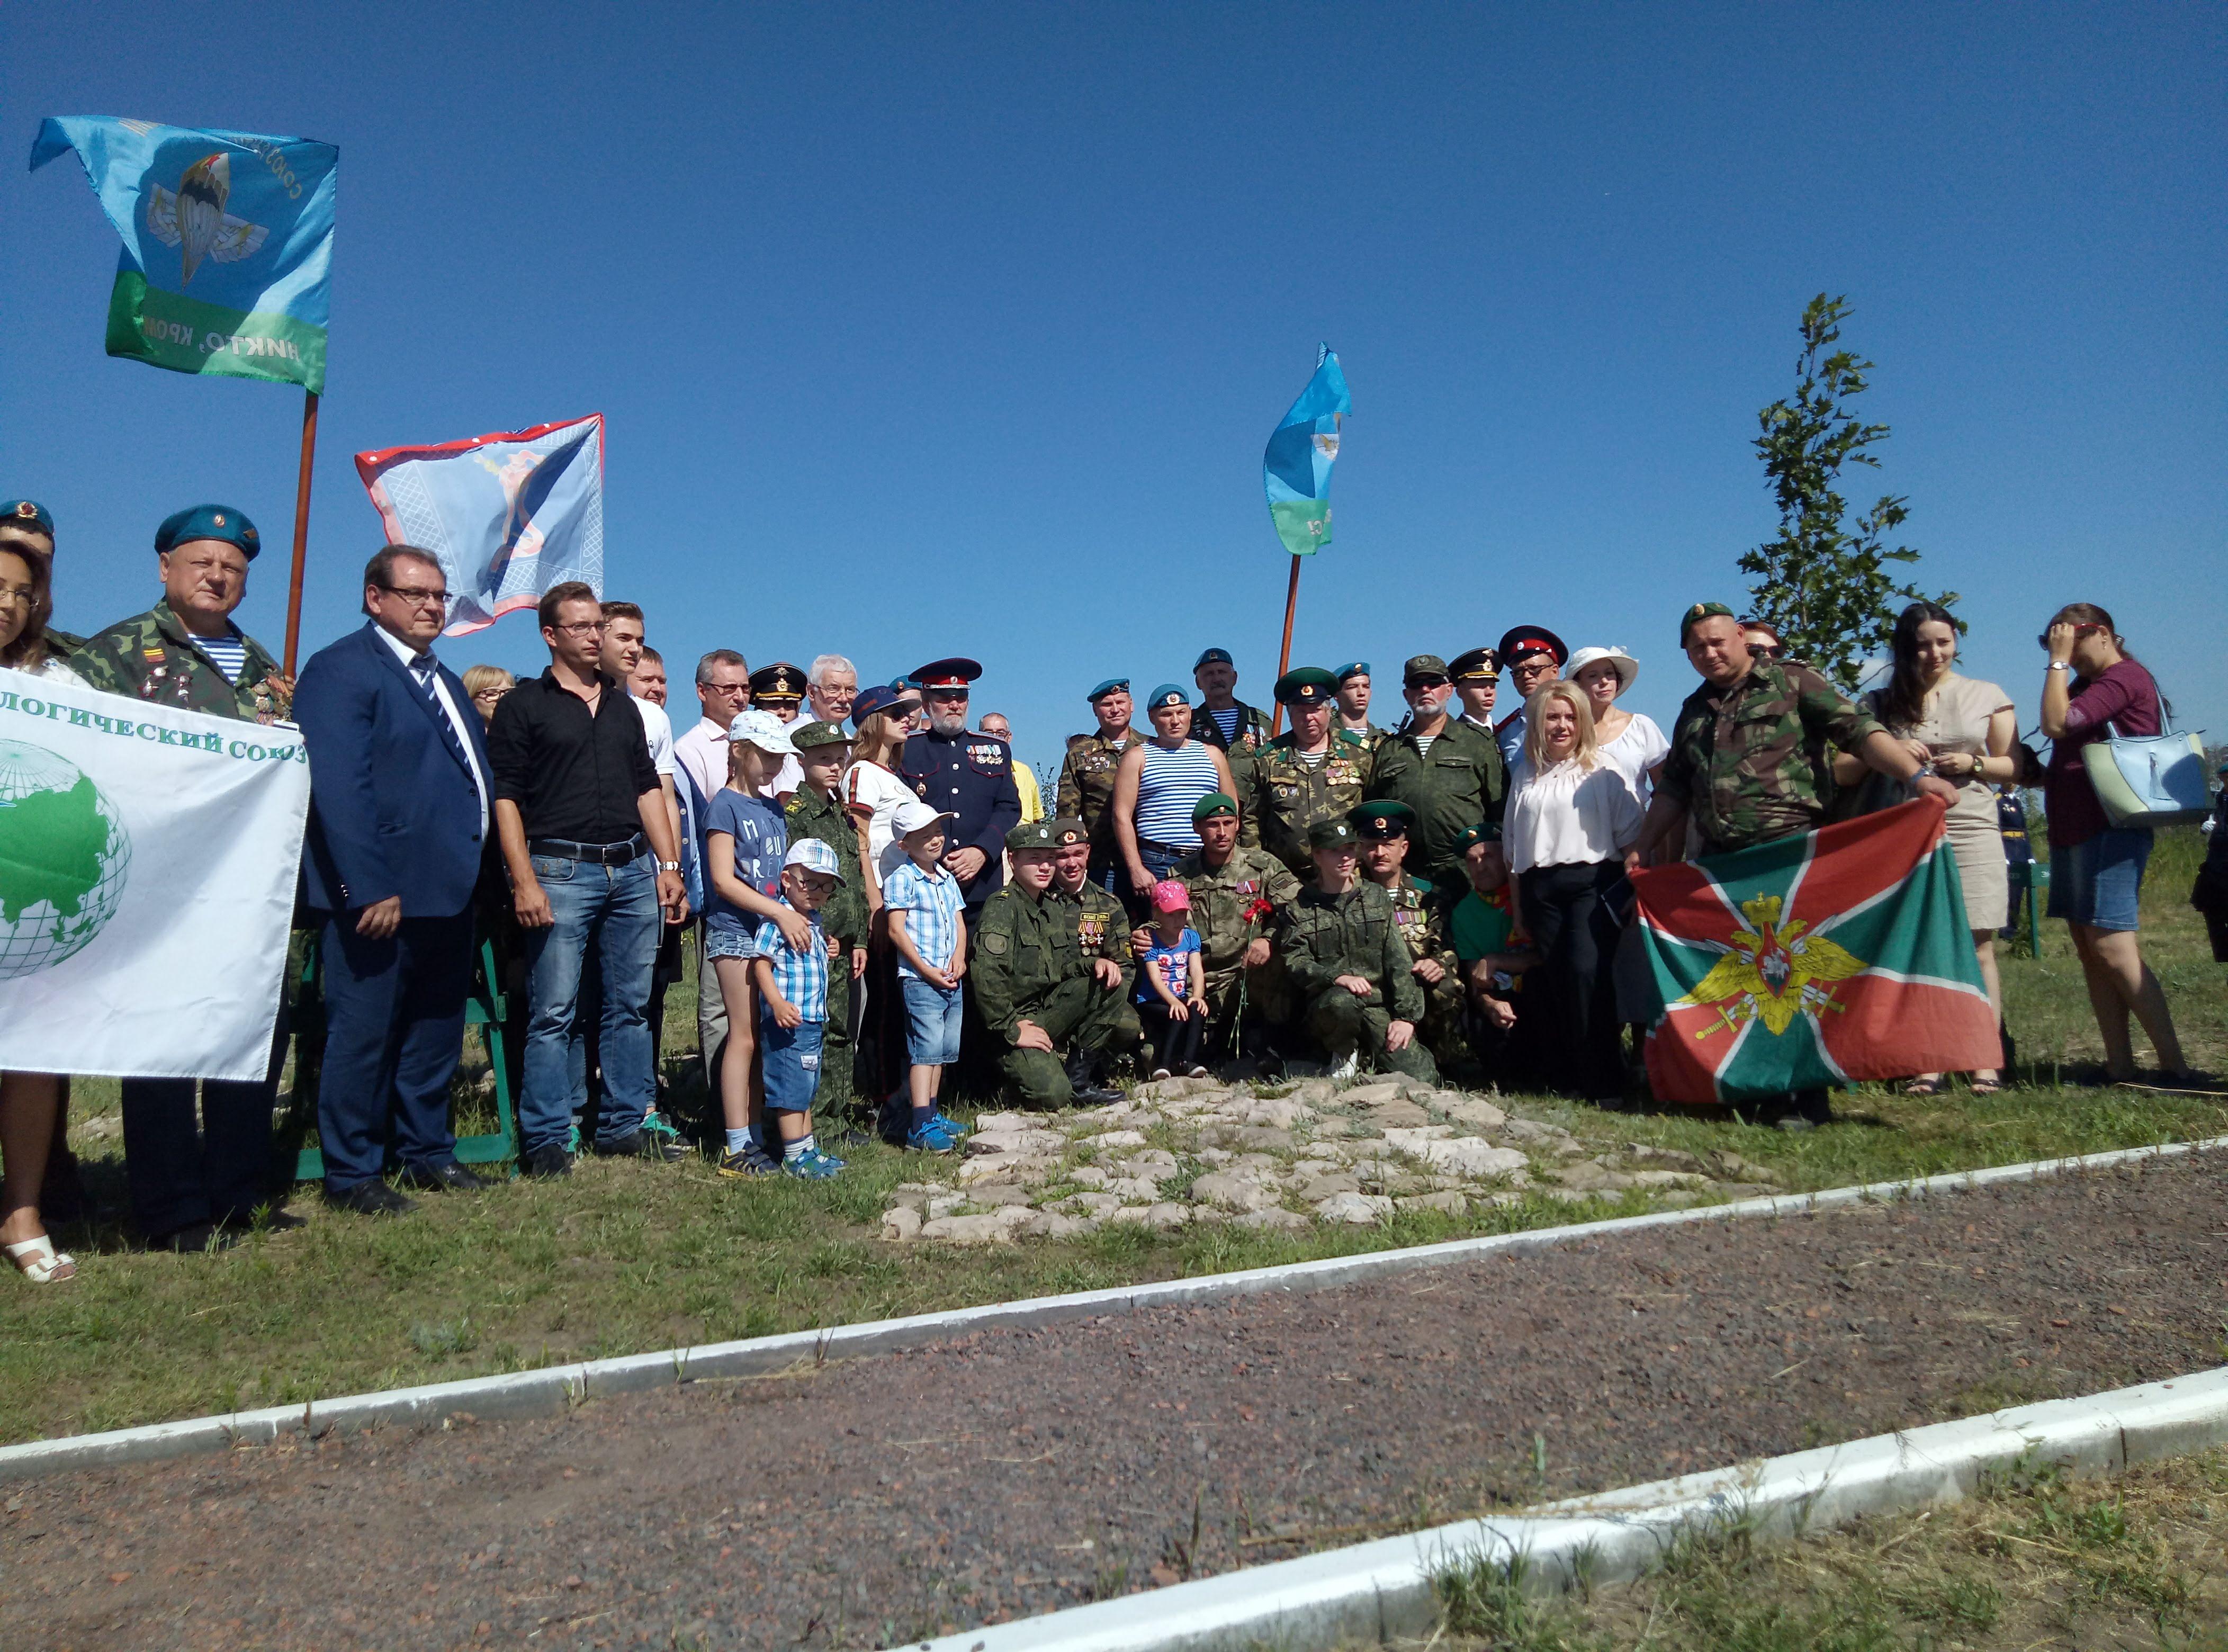 1 августа на территории мемориального комплекса «Лес Памяти» состоялся митинг, посвященный дню памяти жертв Первой мировой войны